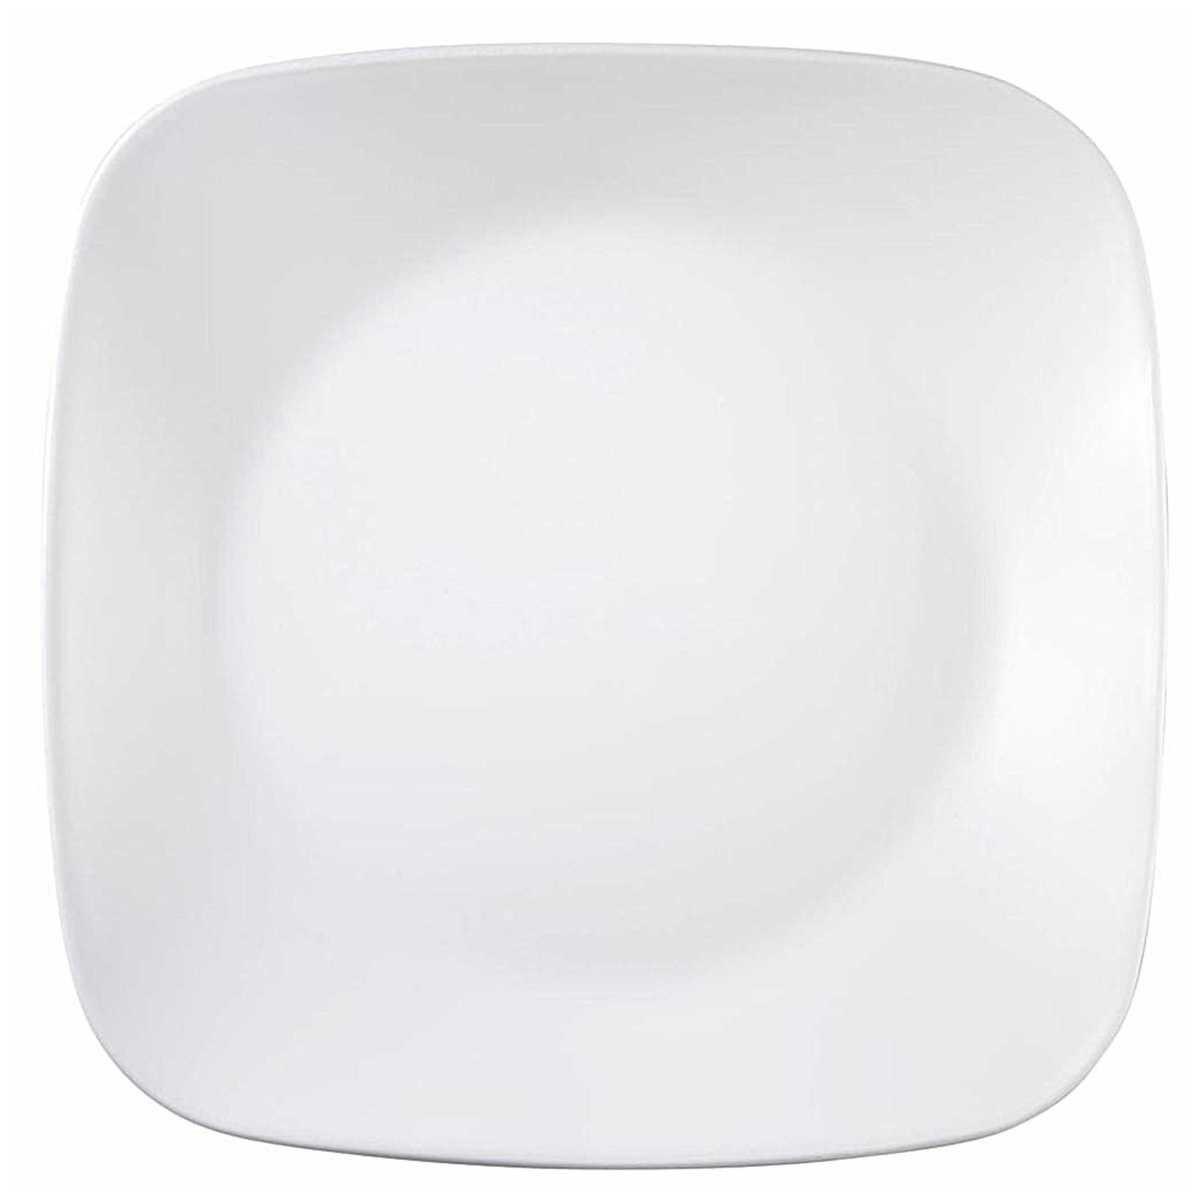 Corelle 16 Piece Pure White Square Dinner Set Big W